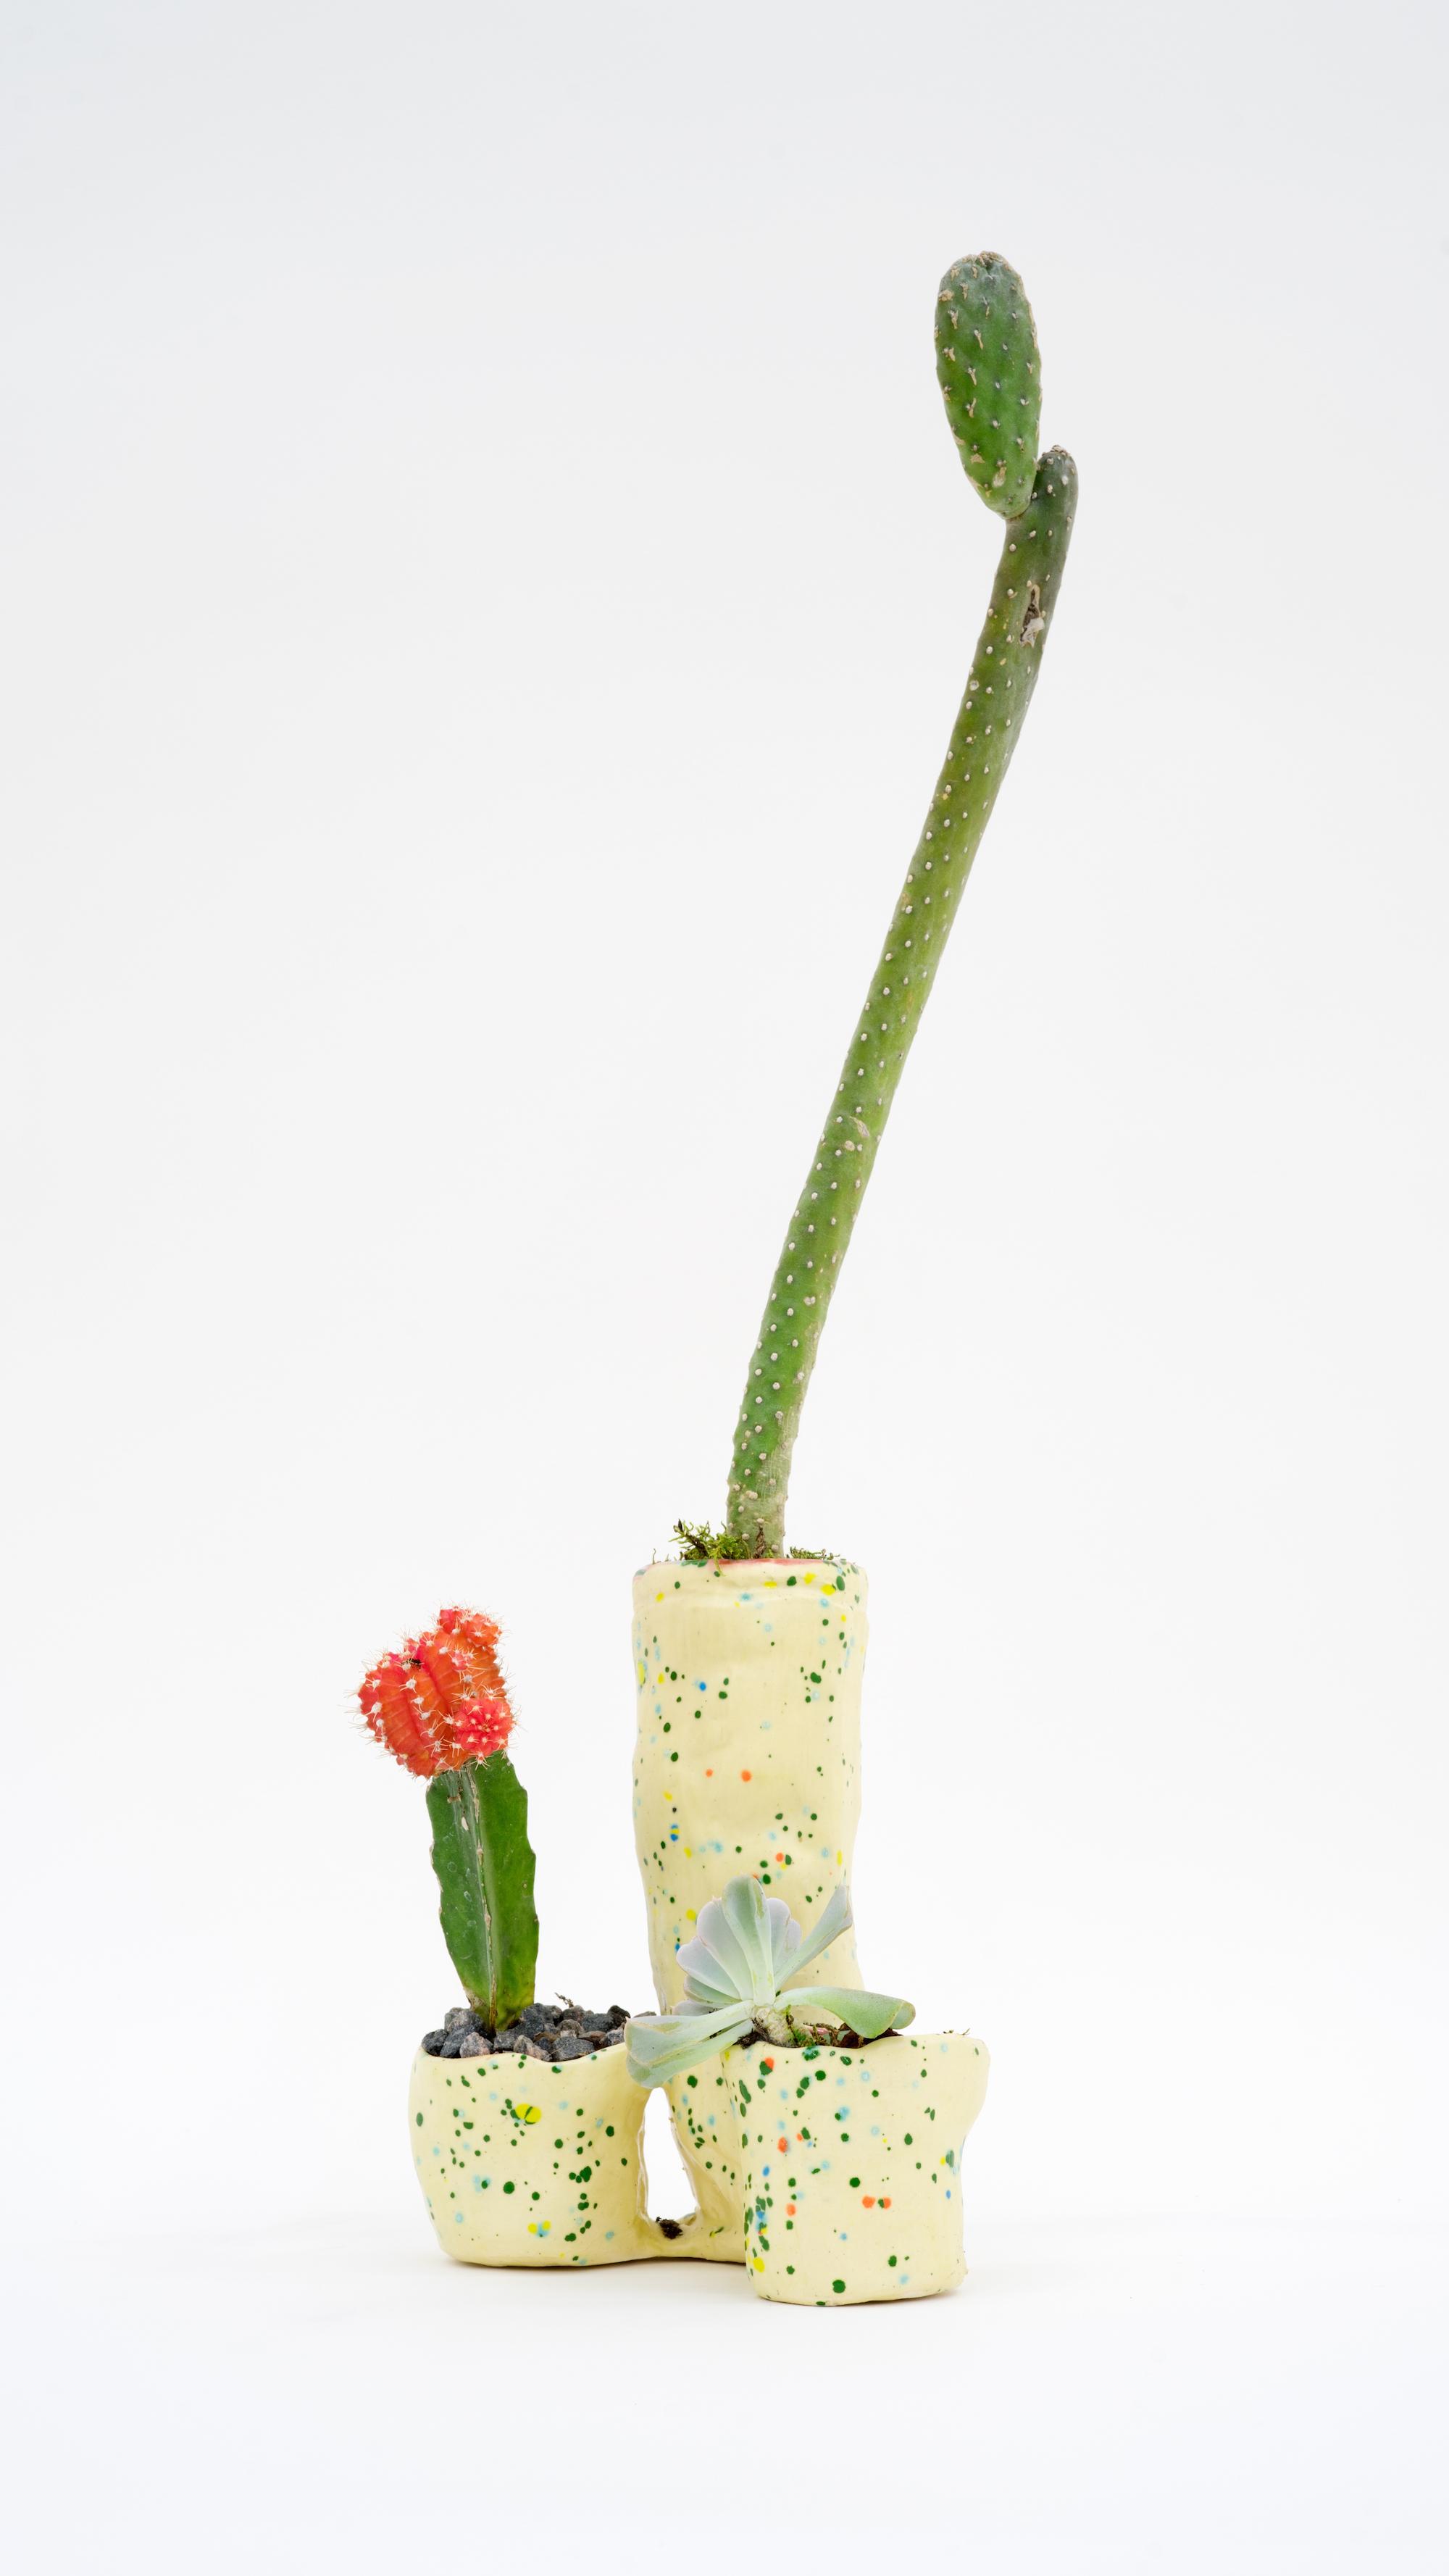 Fully Extended , 2016   Ceramic, cacti  21 × 6 × 4 in  53.3 × 15.2 × 10.2 cm